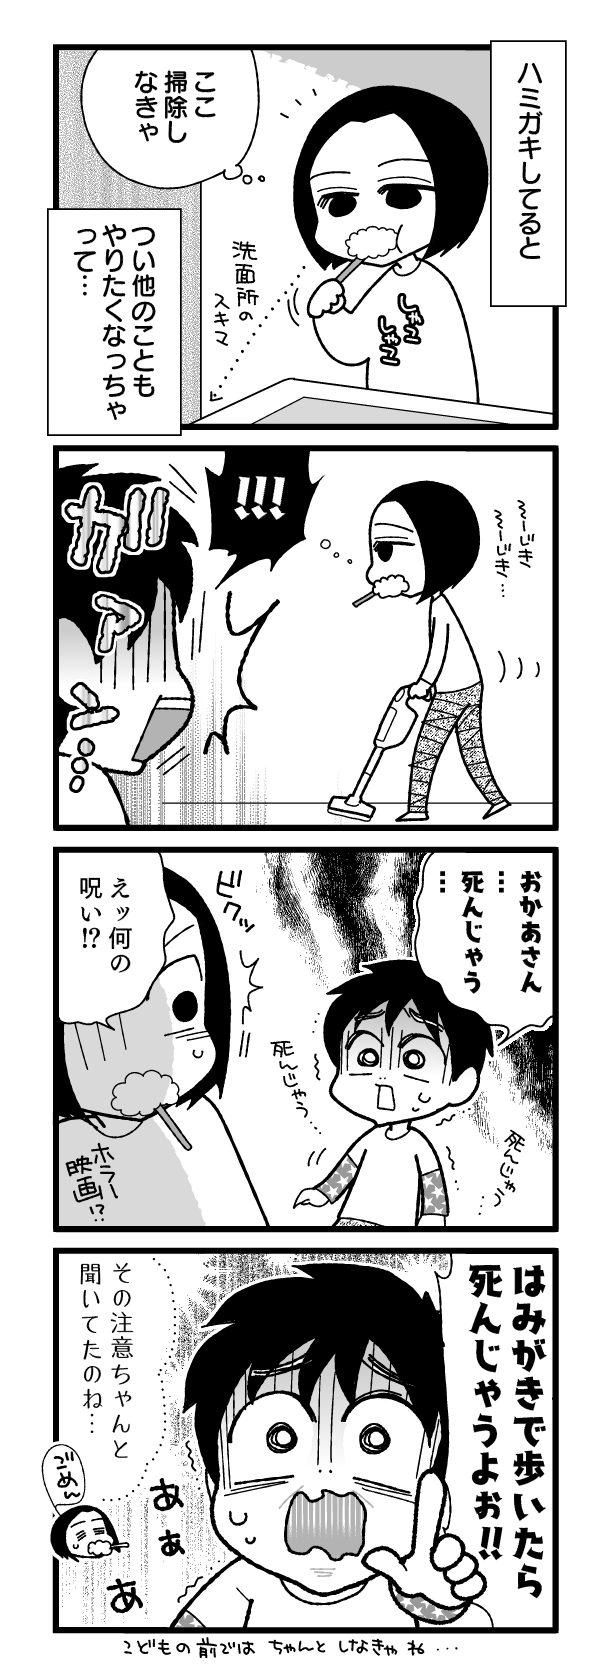 漫画『怒涛のにゅーじヨージ』Vol.182「禁断のアレ」 1コマ目